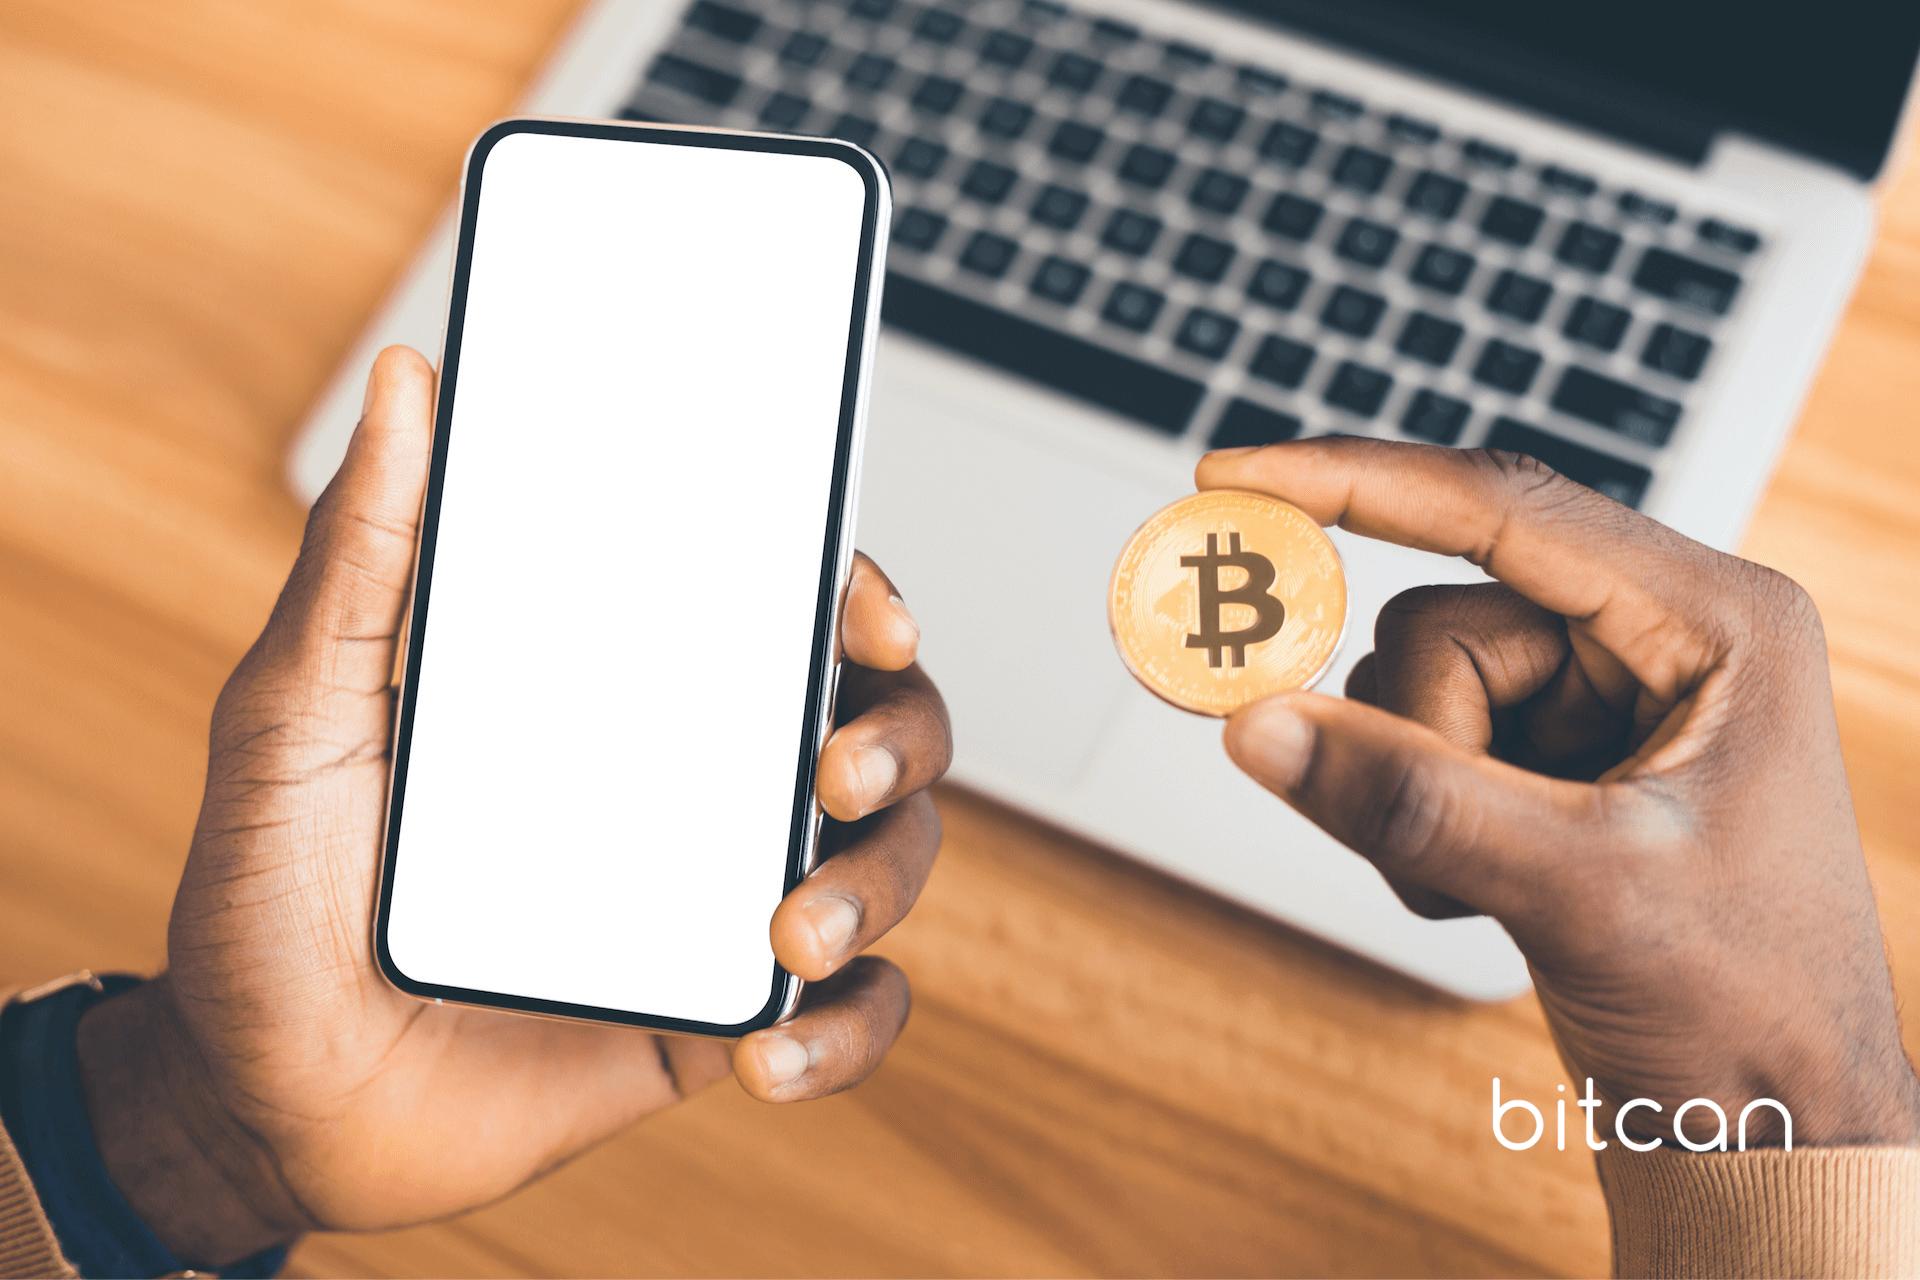 jak kopać bitcoiny na telefonie